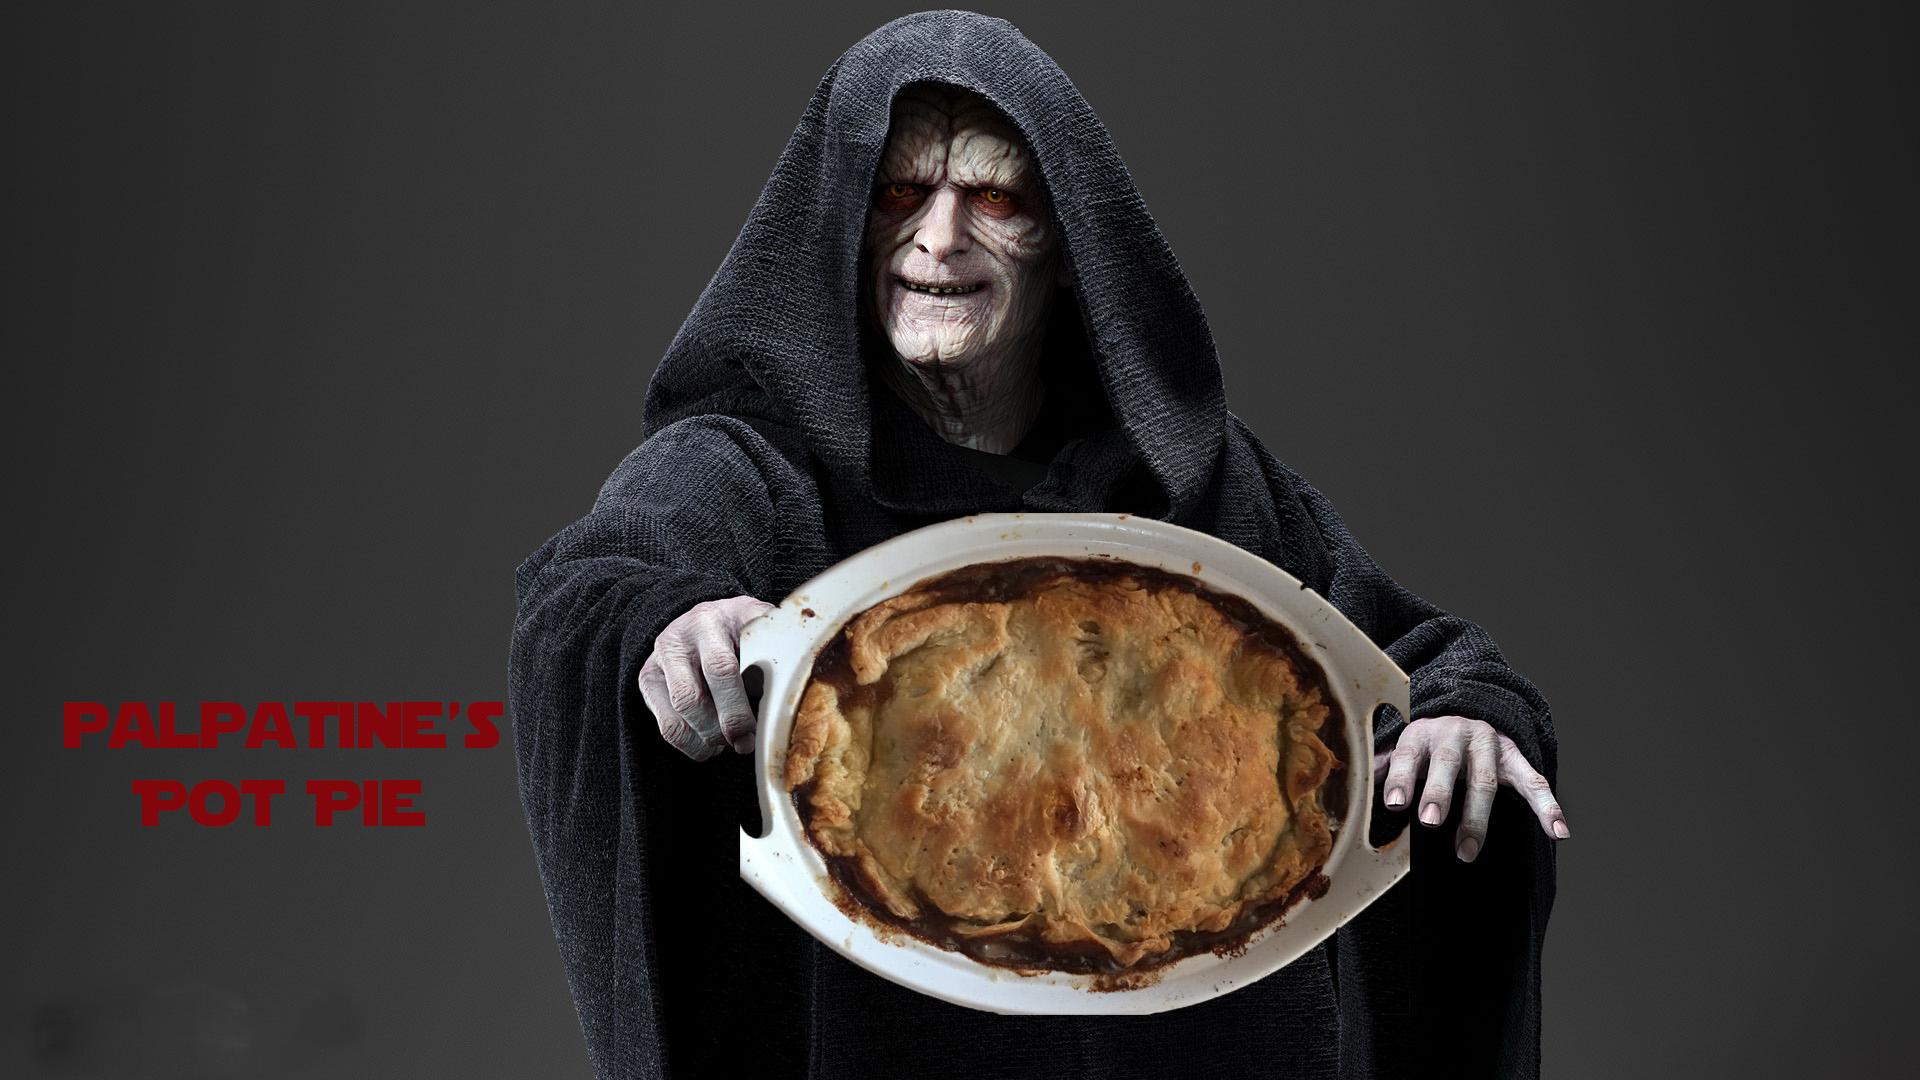 Palpatine's Pot Pie